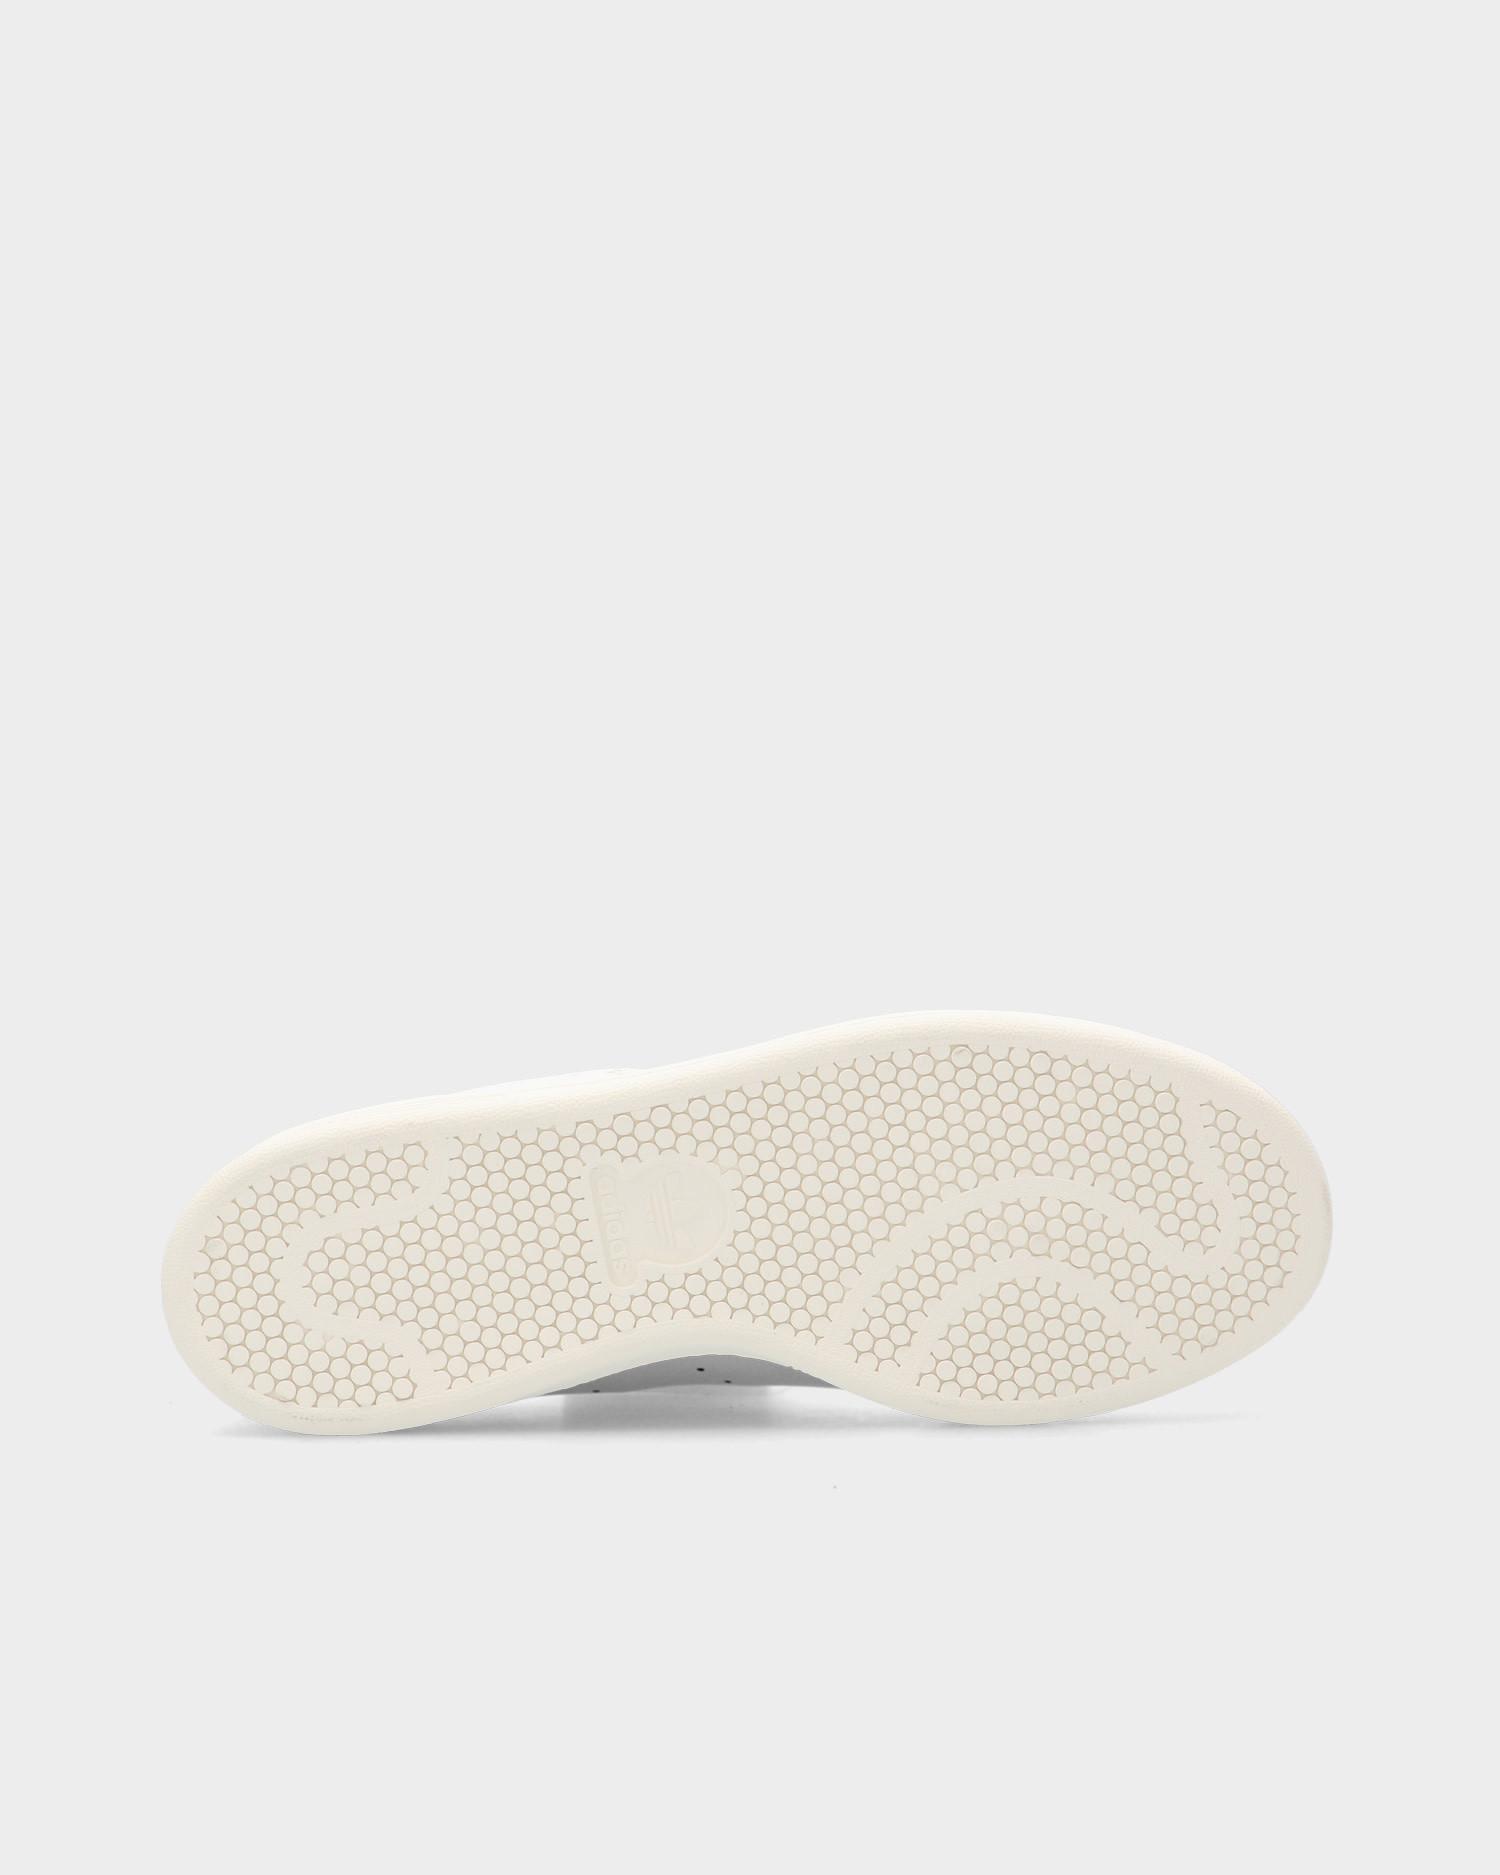 Adidas Stan Smith Ftwwht/Cgreen/Owhite